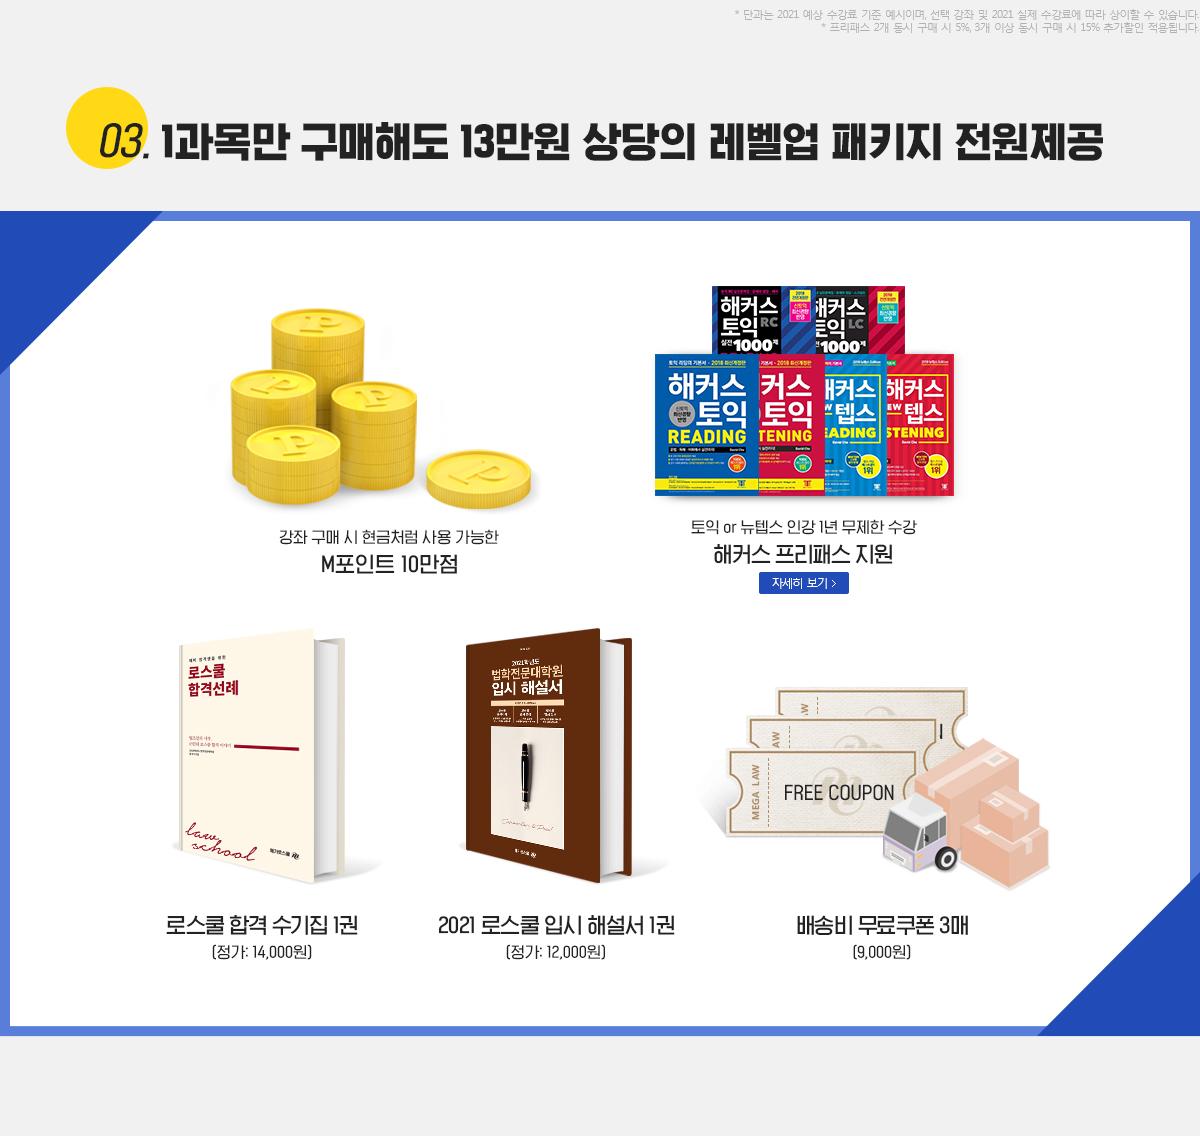 03. 1과목만 구매해도 13만원 상당의 레벨업 패키지 전원제공